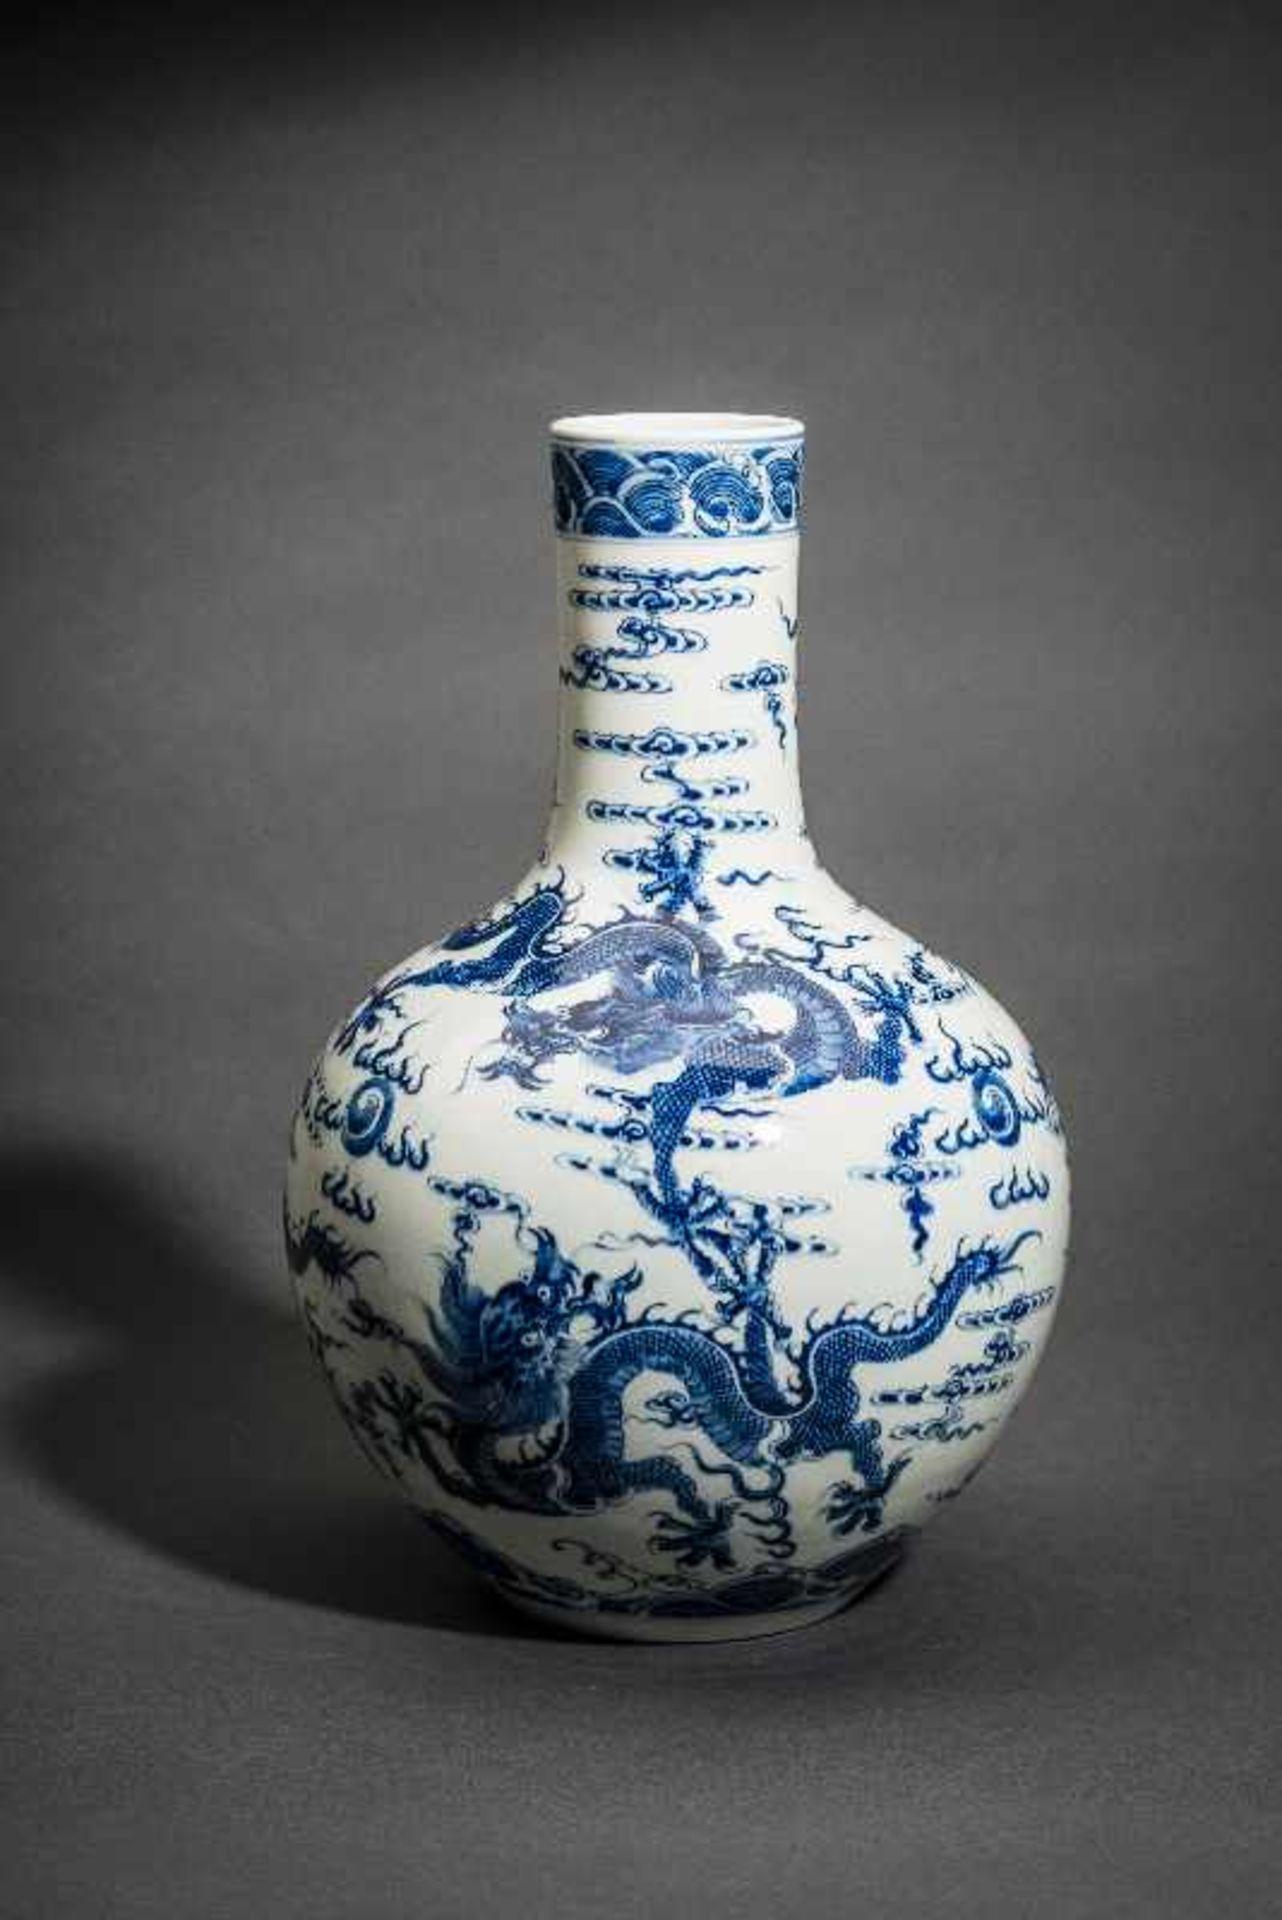 """VASE MIT FÜNF WILDEN DRACHEN Blauweißes Porzellan. China, Sehr belebt gemaltes Motiv """"Drachen in den - Image 4 of 5"""